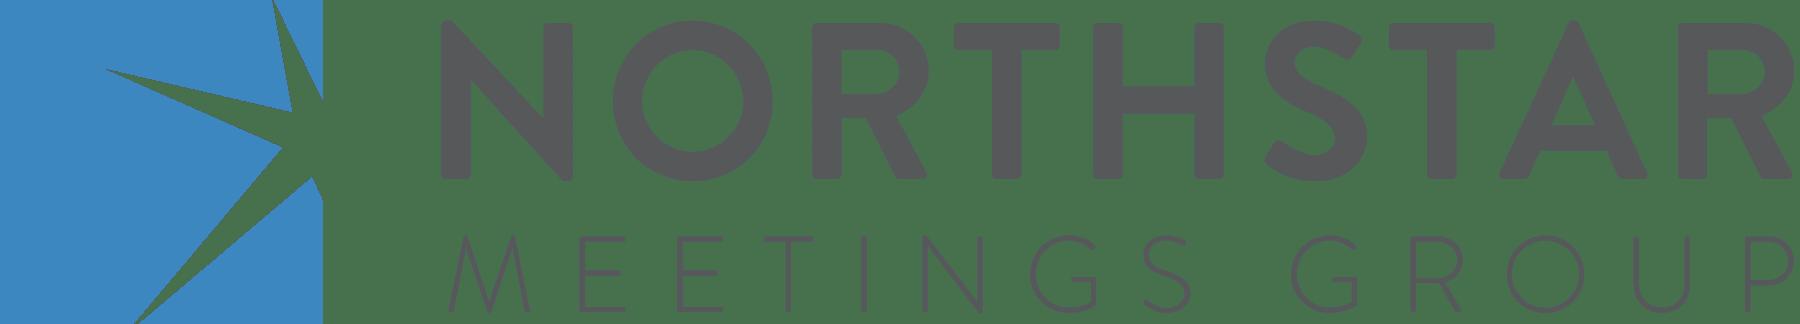 northstarmeetingsgroup_logo_rgb